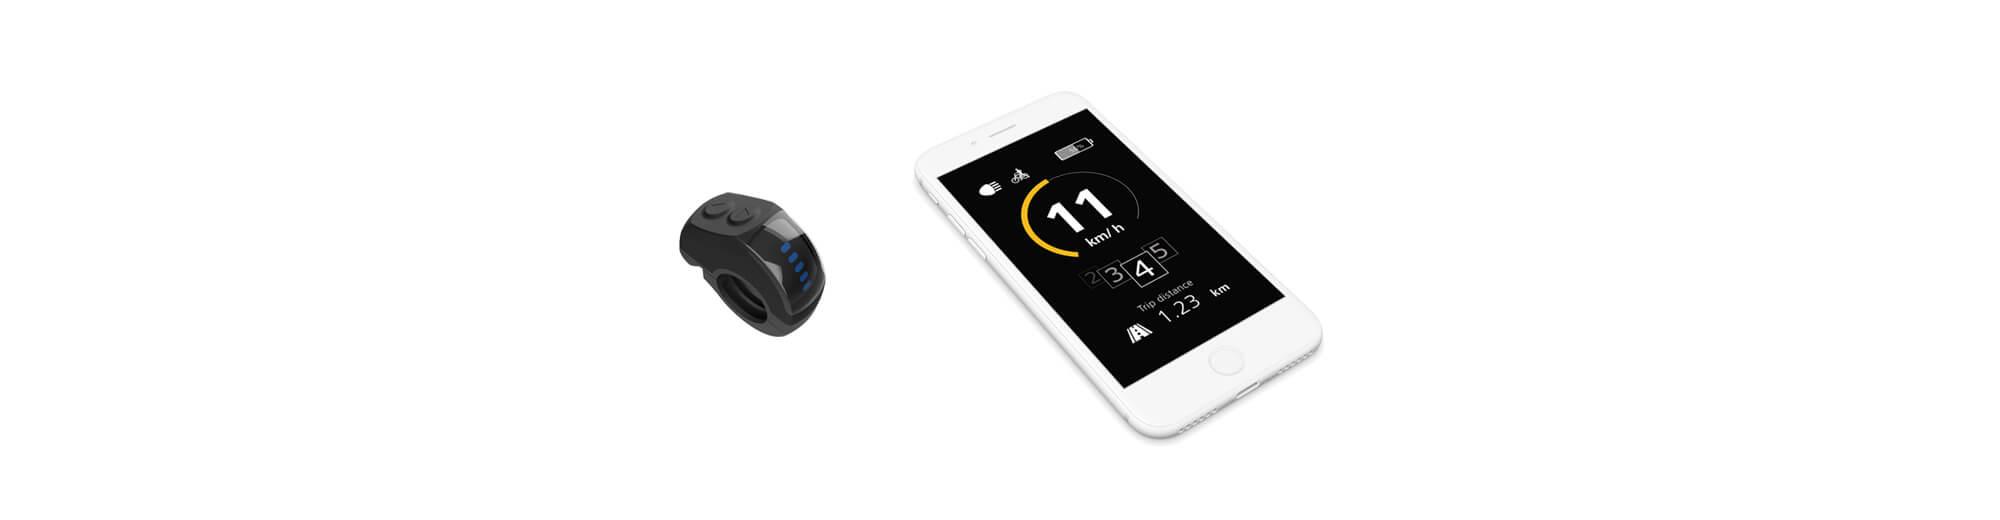 Smartphone og elcykel koblet sammen med IoT-løsning